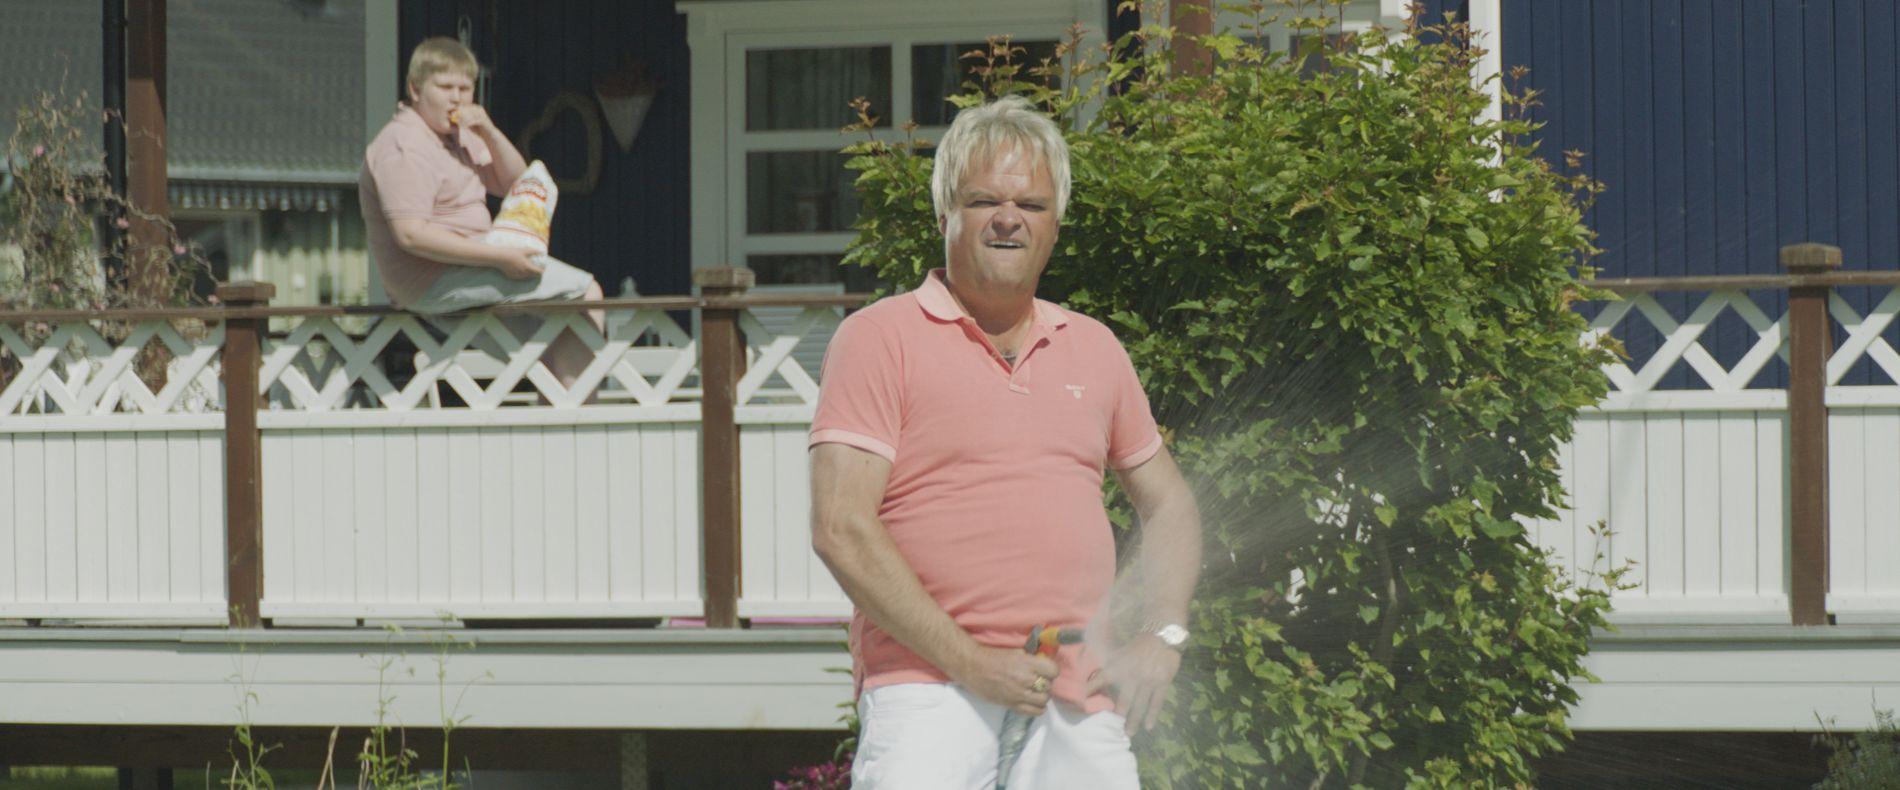 JACUZZI-MILLIONÆR: Ståle Rivdal i Atle Antonsens skikkelse i «Norske byggeklosser».